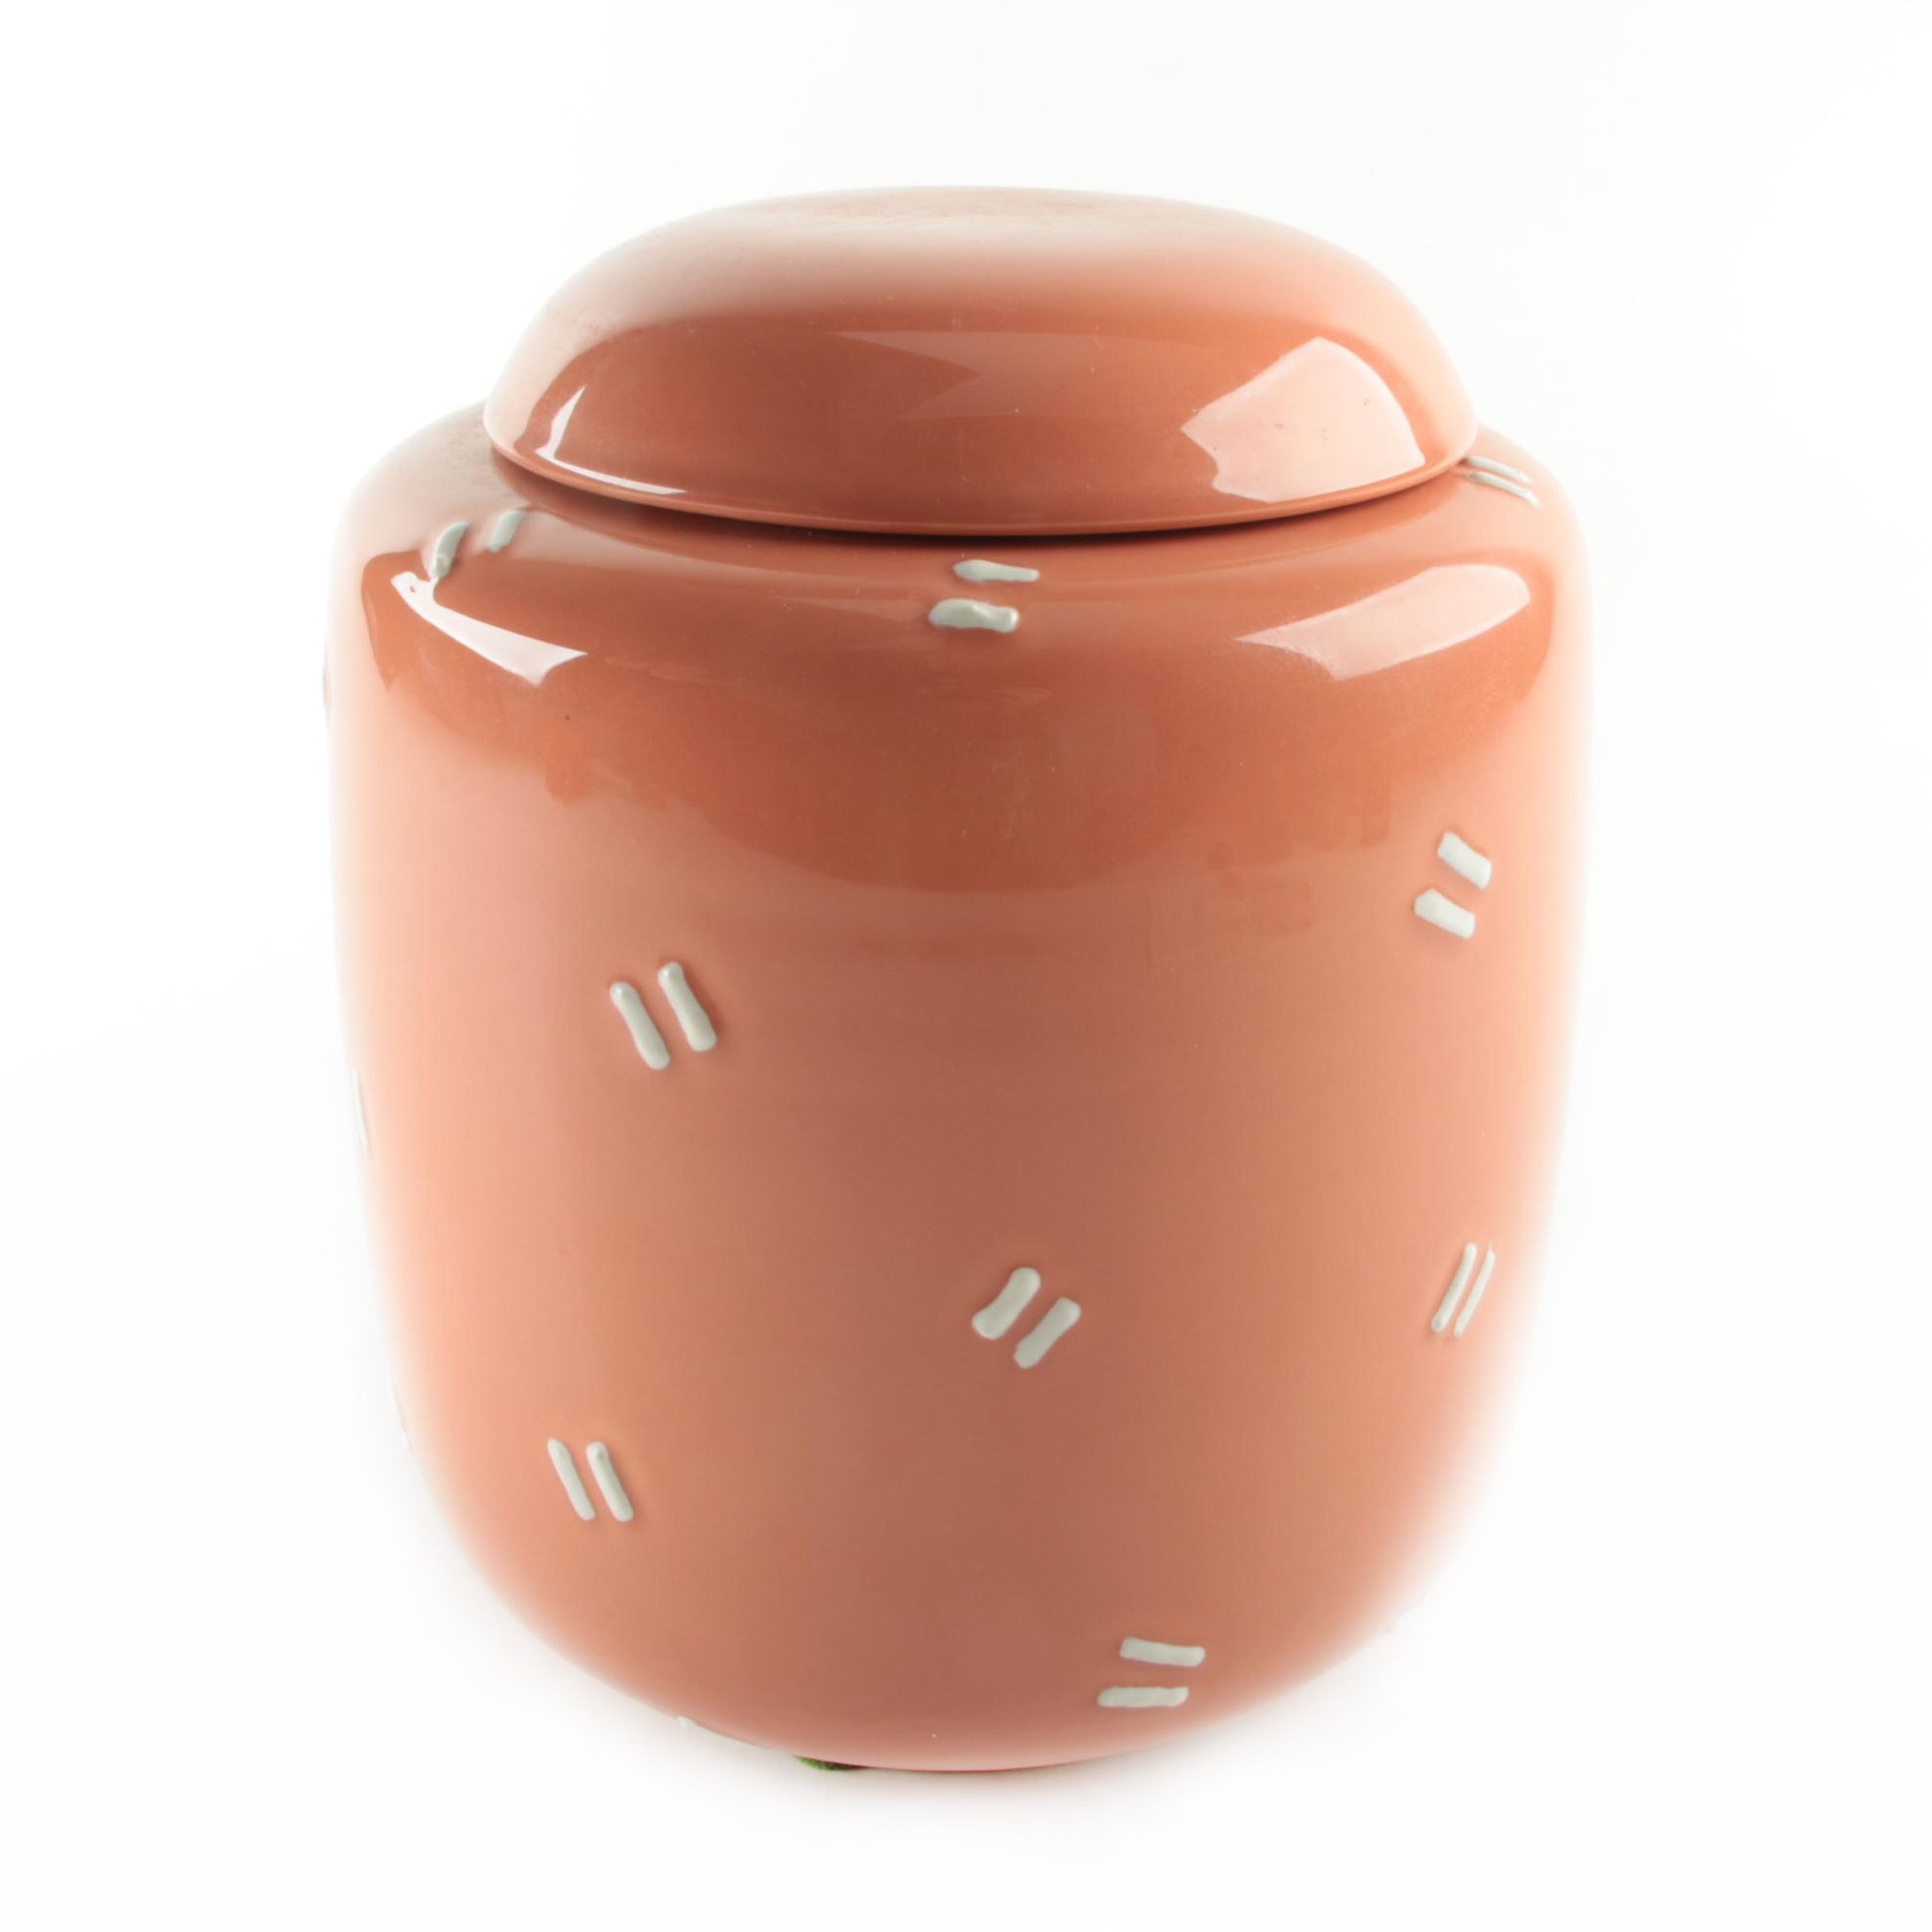 Glazed Ceramic Cookie Jar